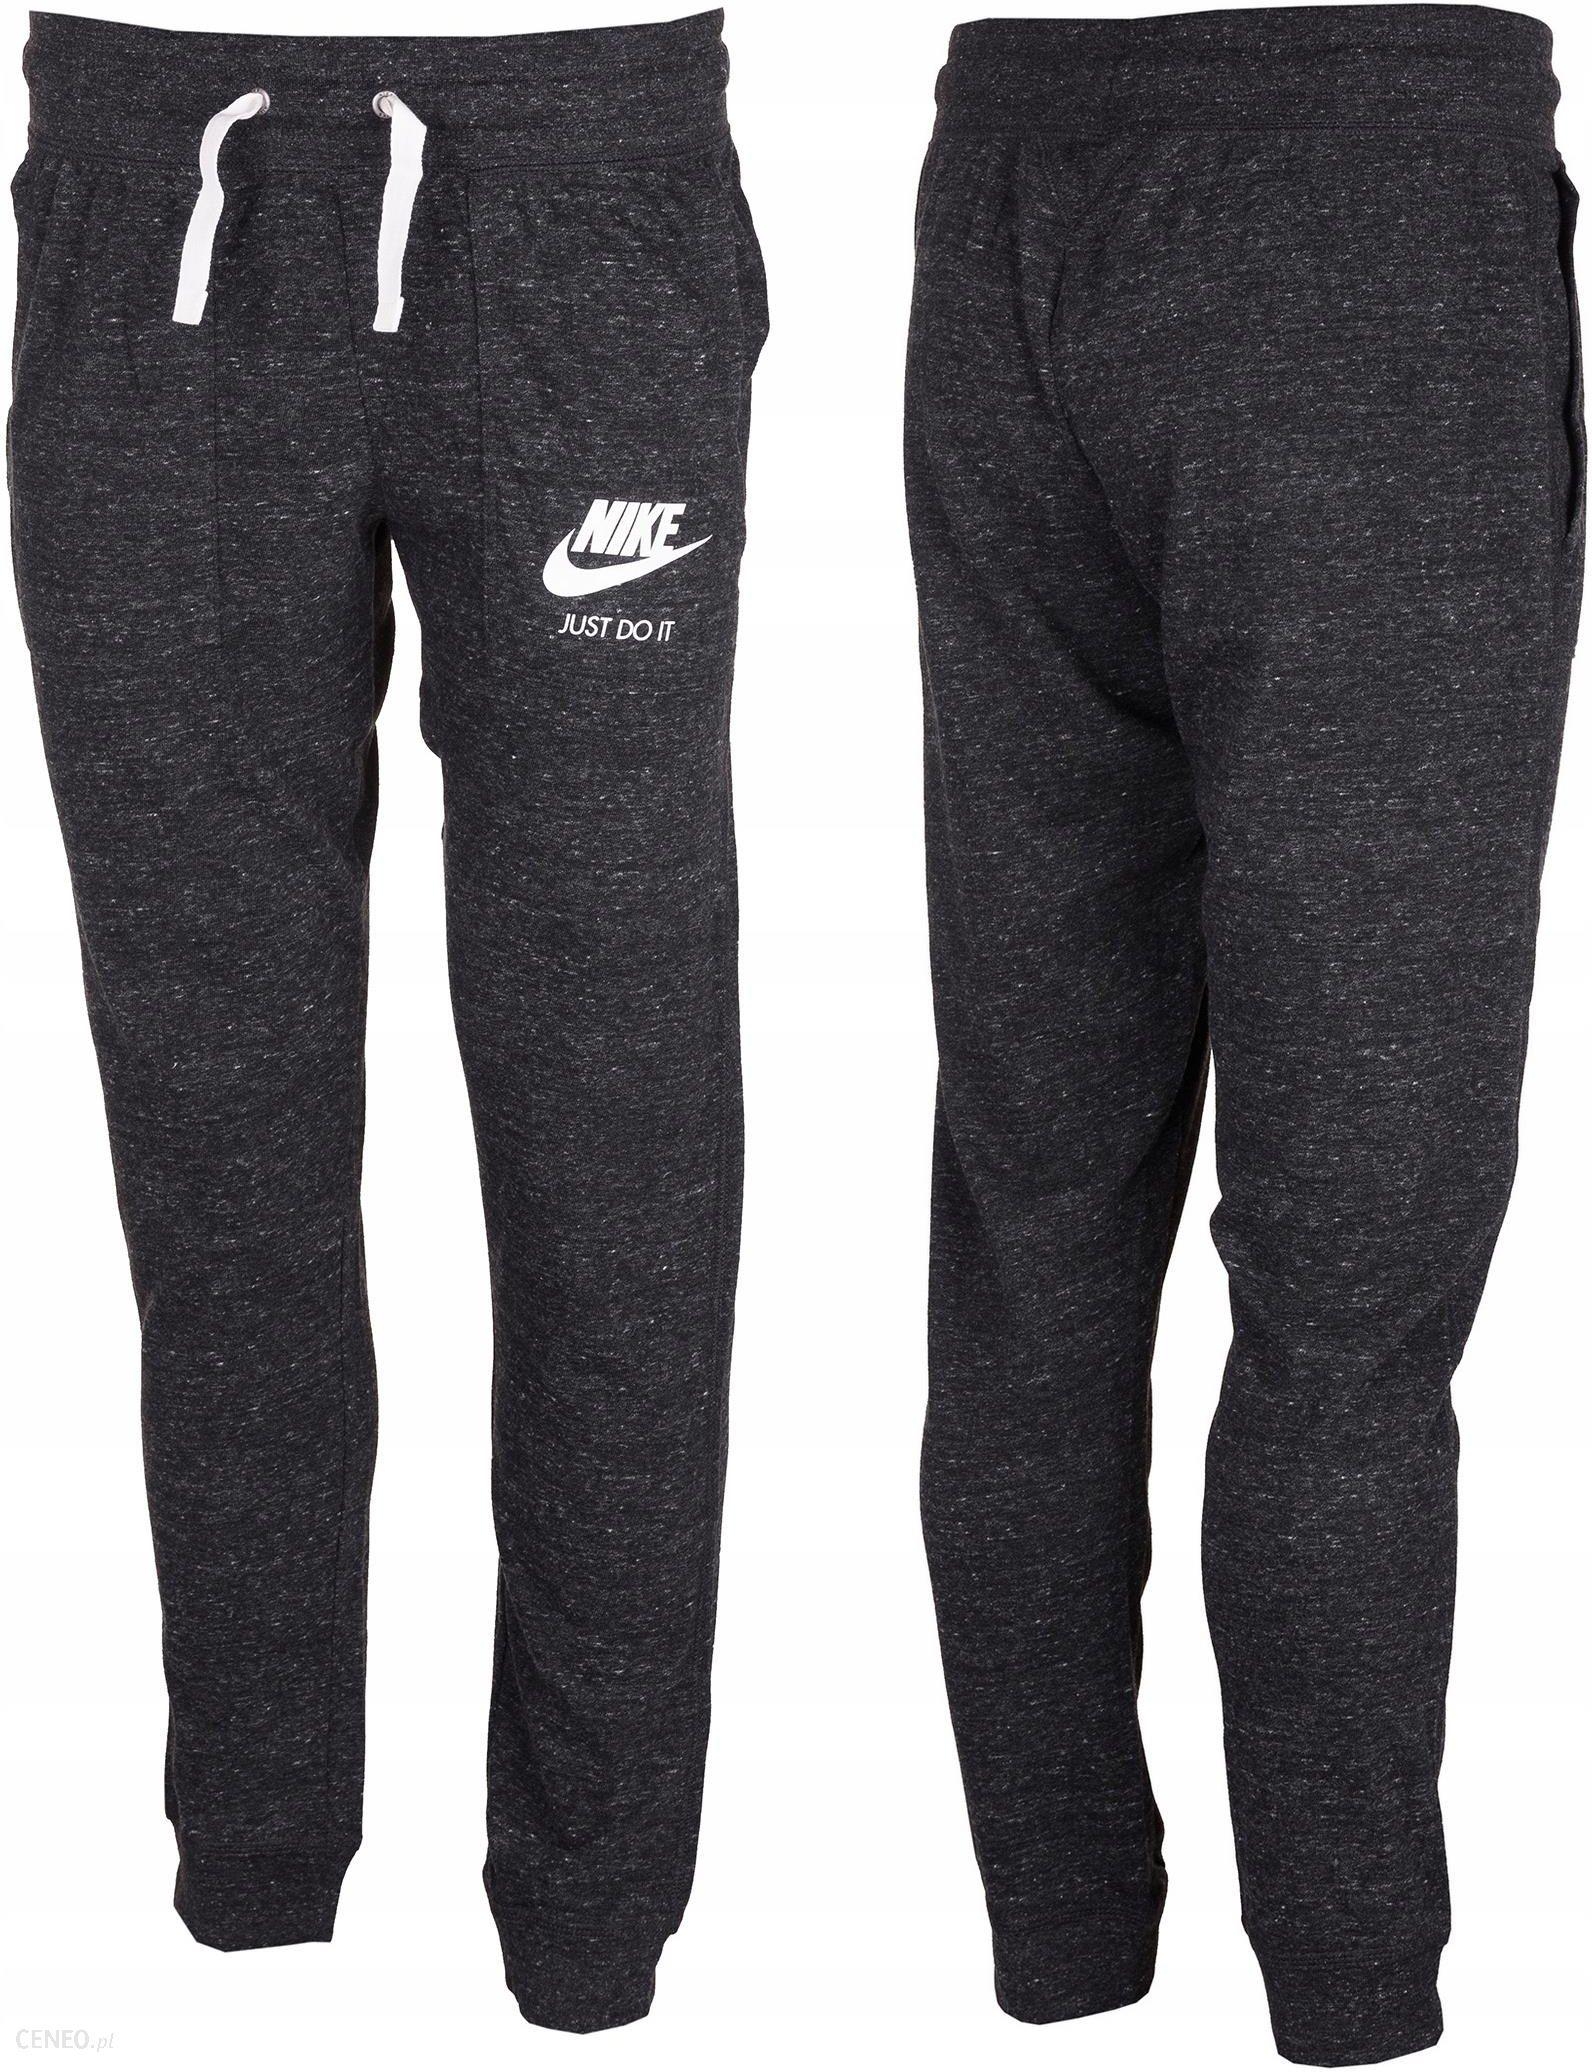 Spodnie dresowe damskie NSW Fleece Tight Nike (ciemny szary melanż)